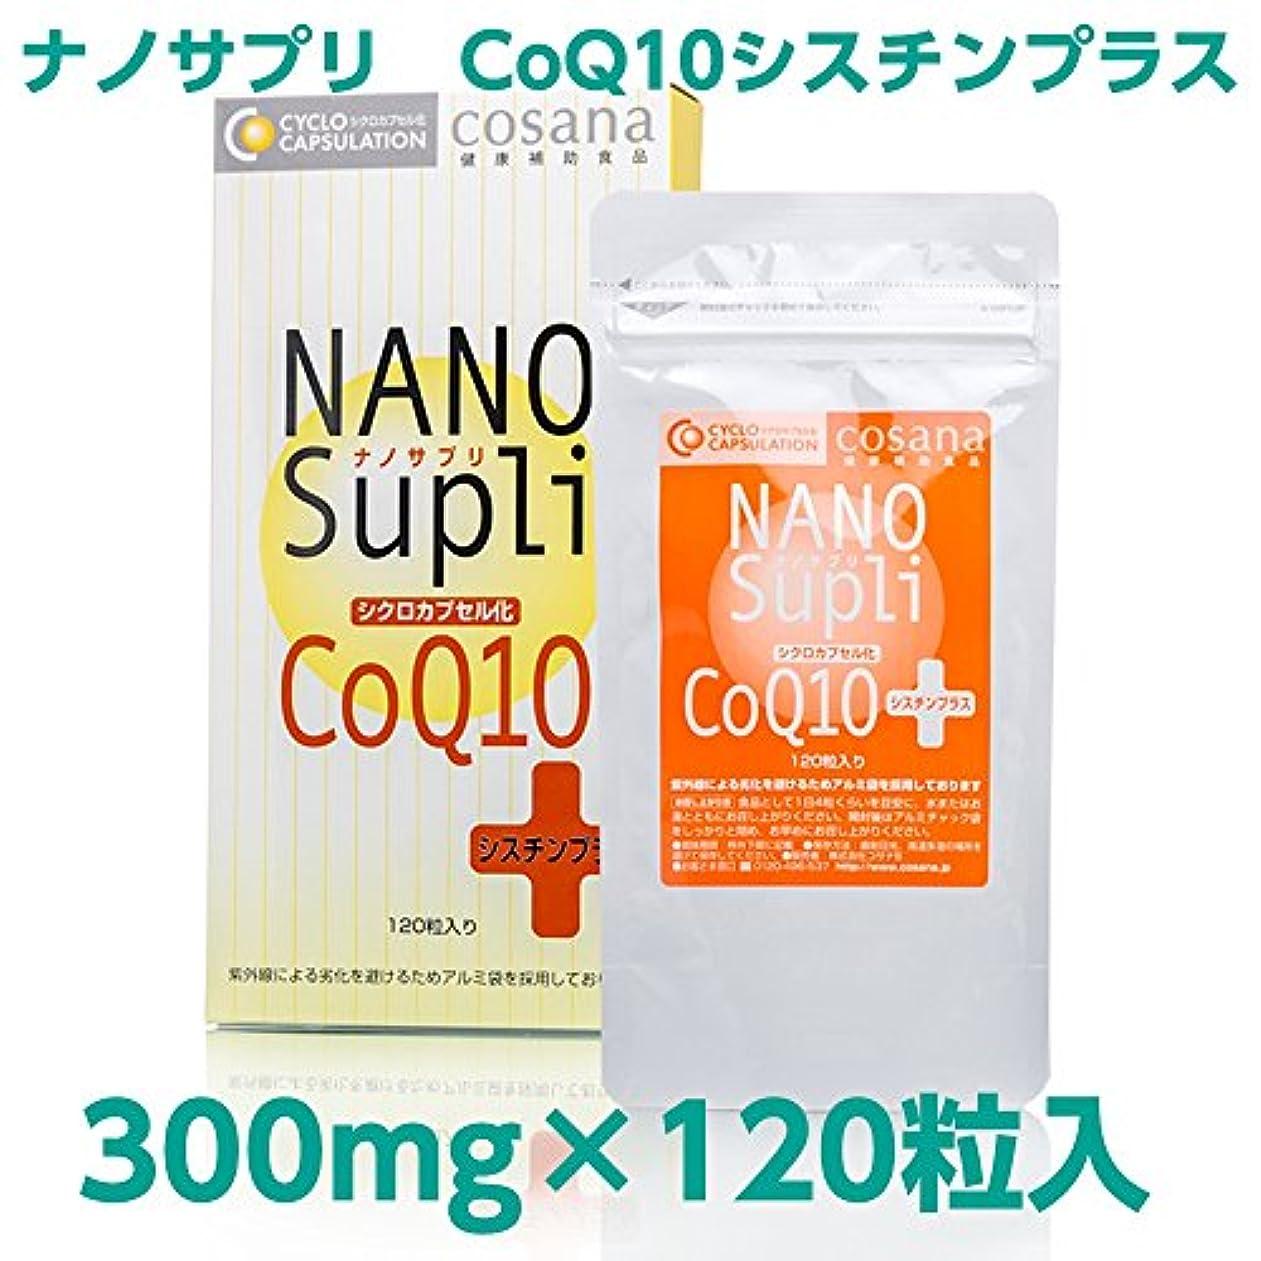 蒸採用意気揚々ナノサプリシクロカプセル化CoQ10 シスチンプラス